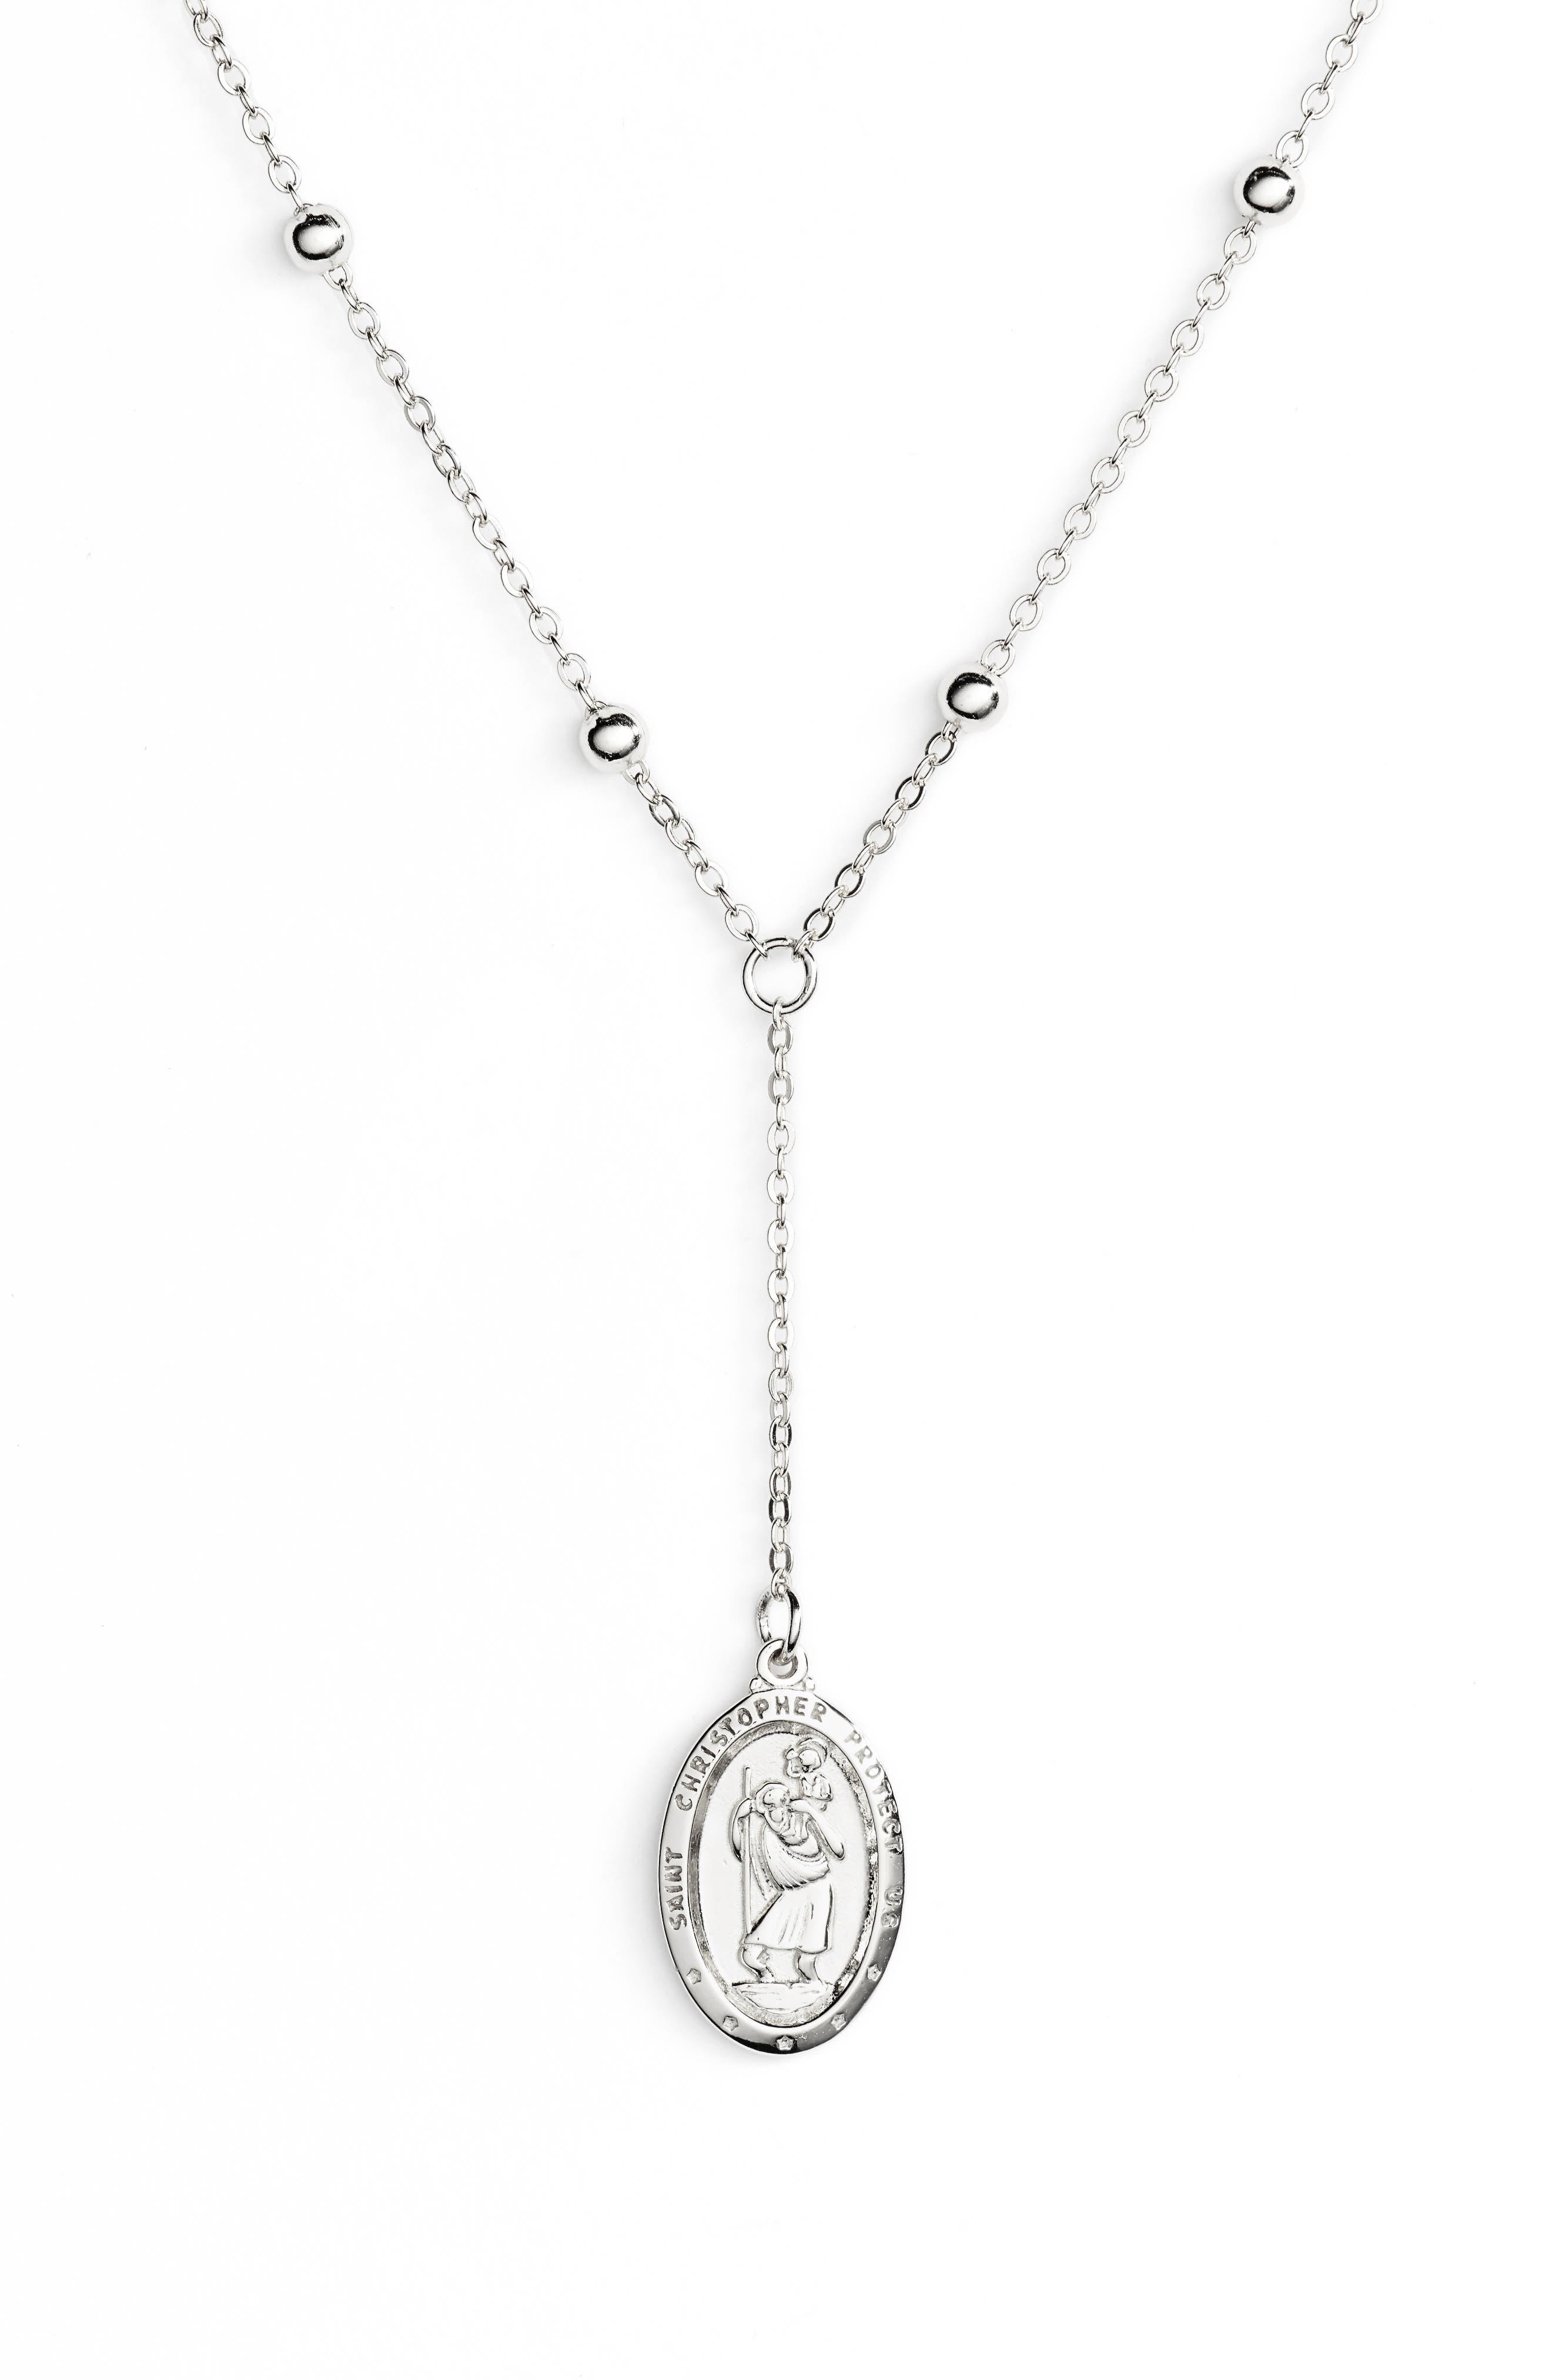 Saint Christopher Lariat Necklace,                             Main thumbnail 1, color,                             Silver